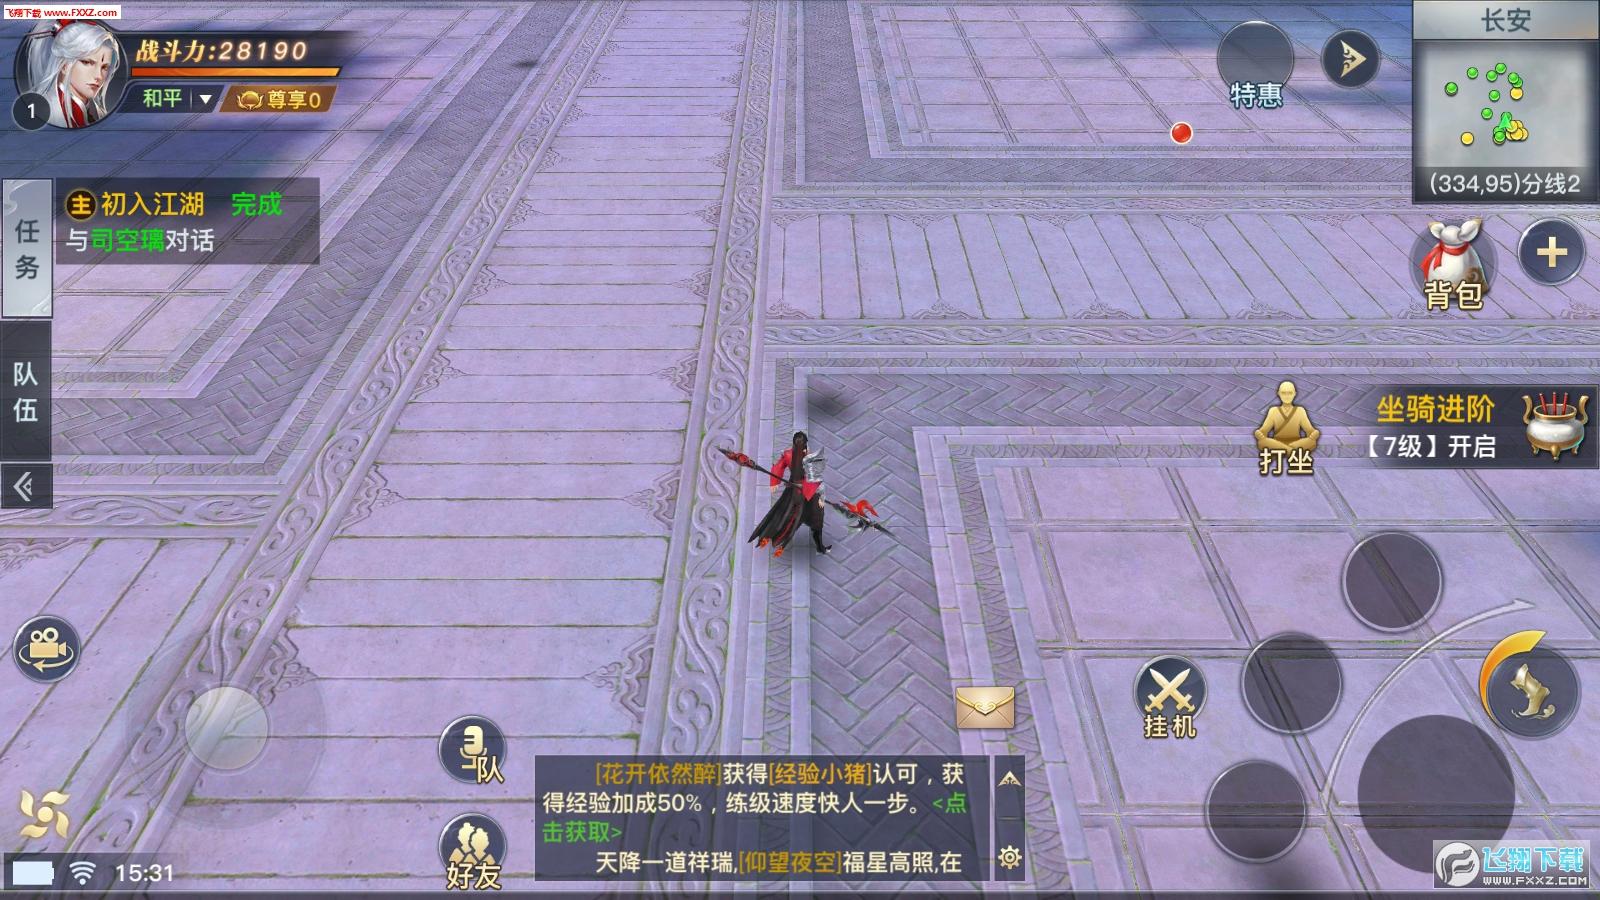 剑网世界手游1.0截图1